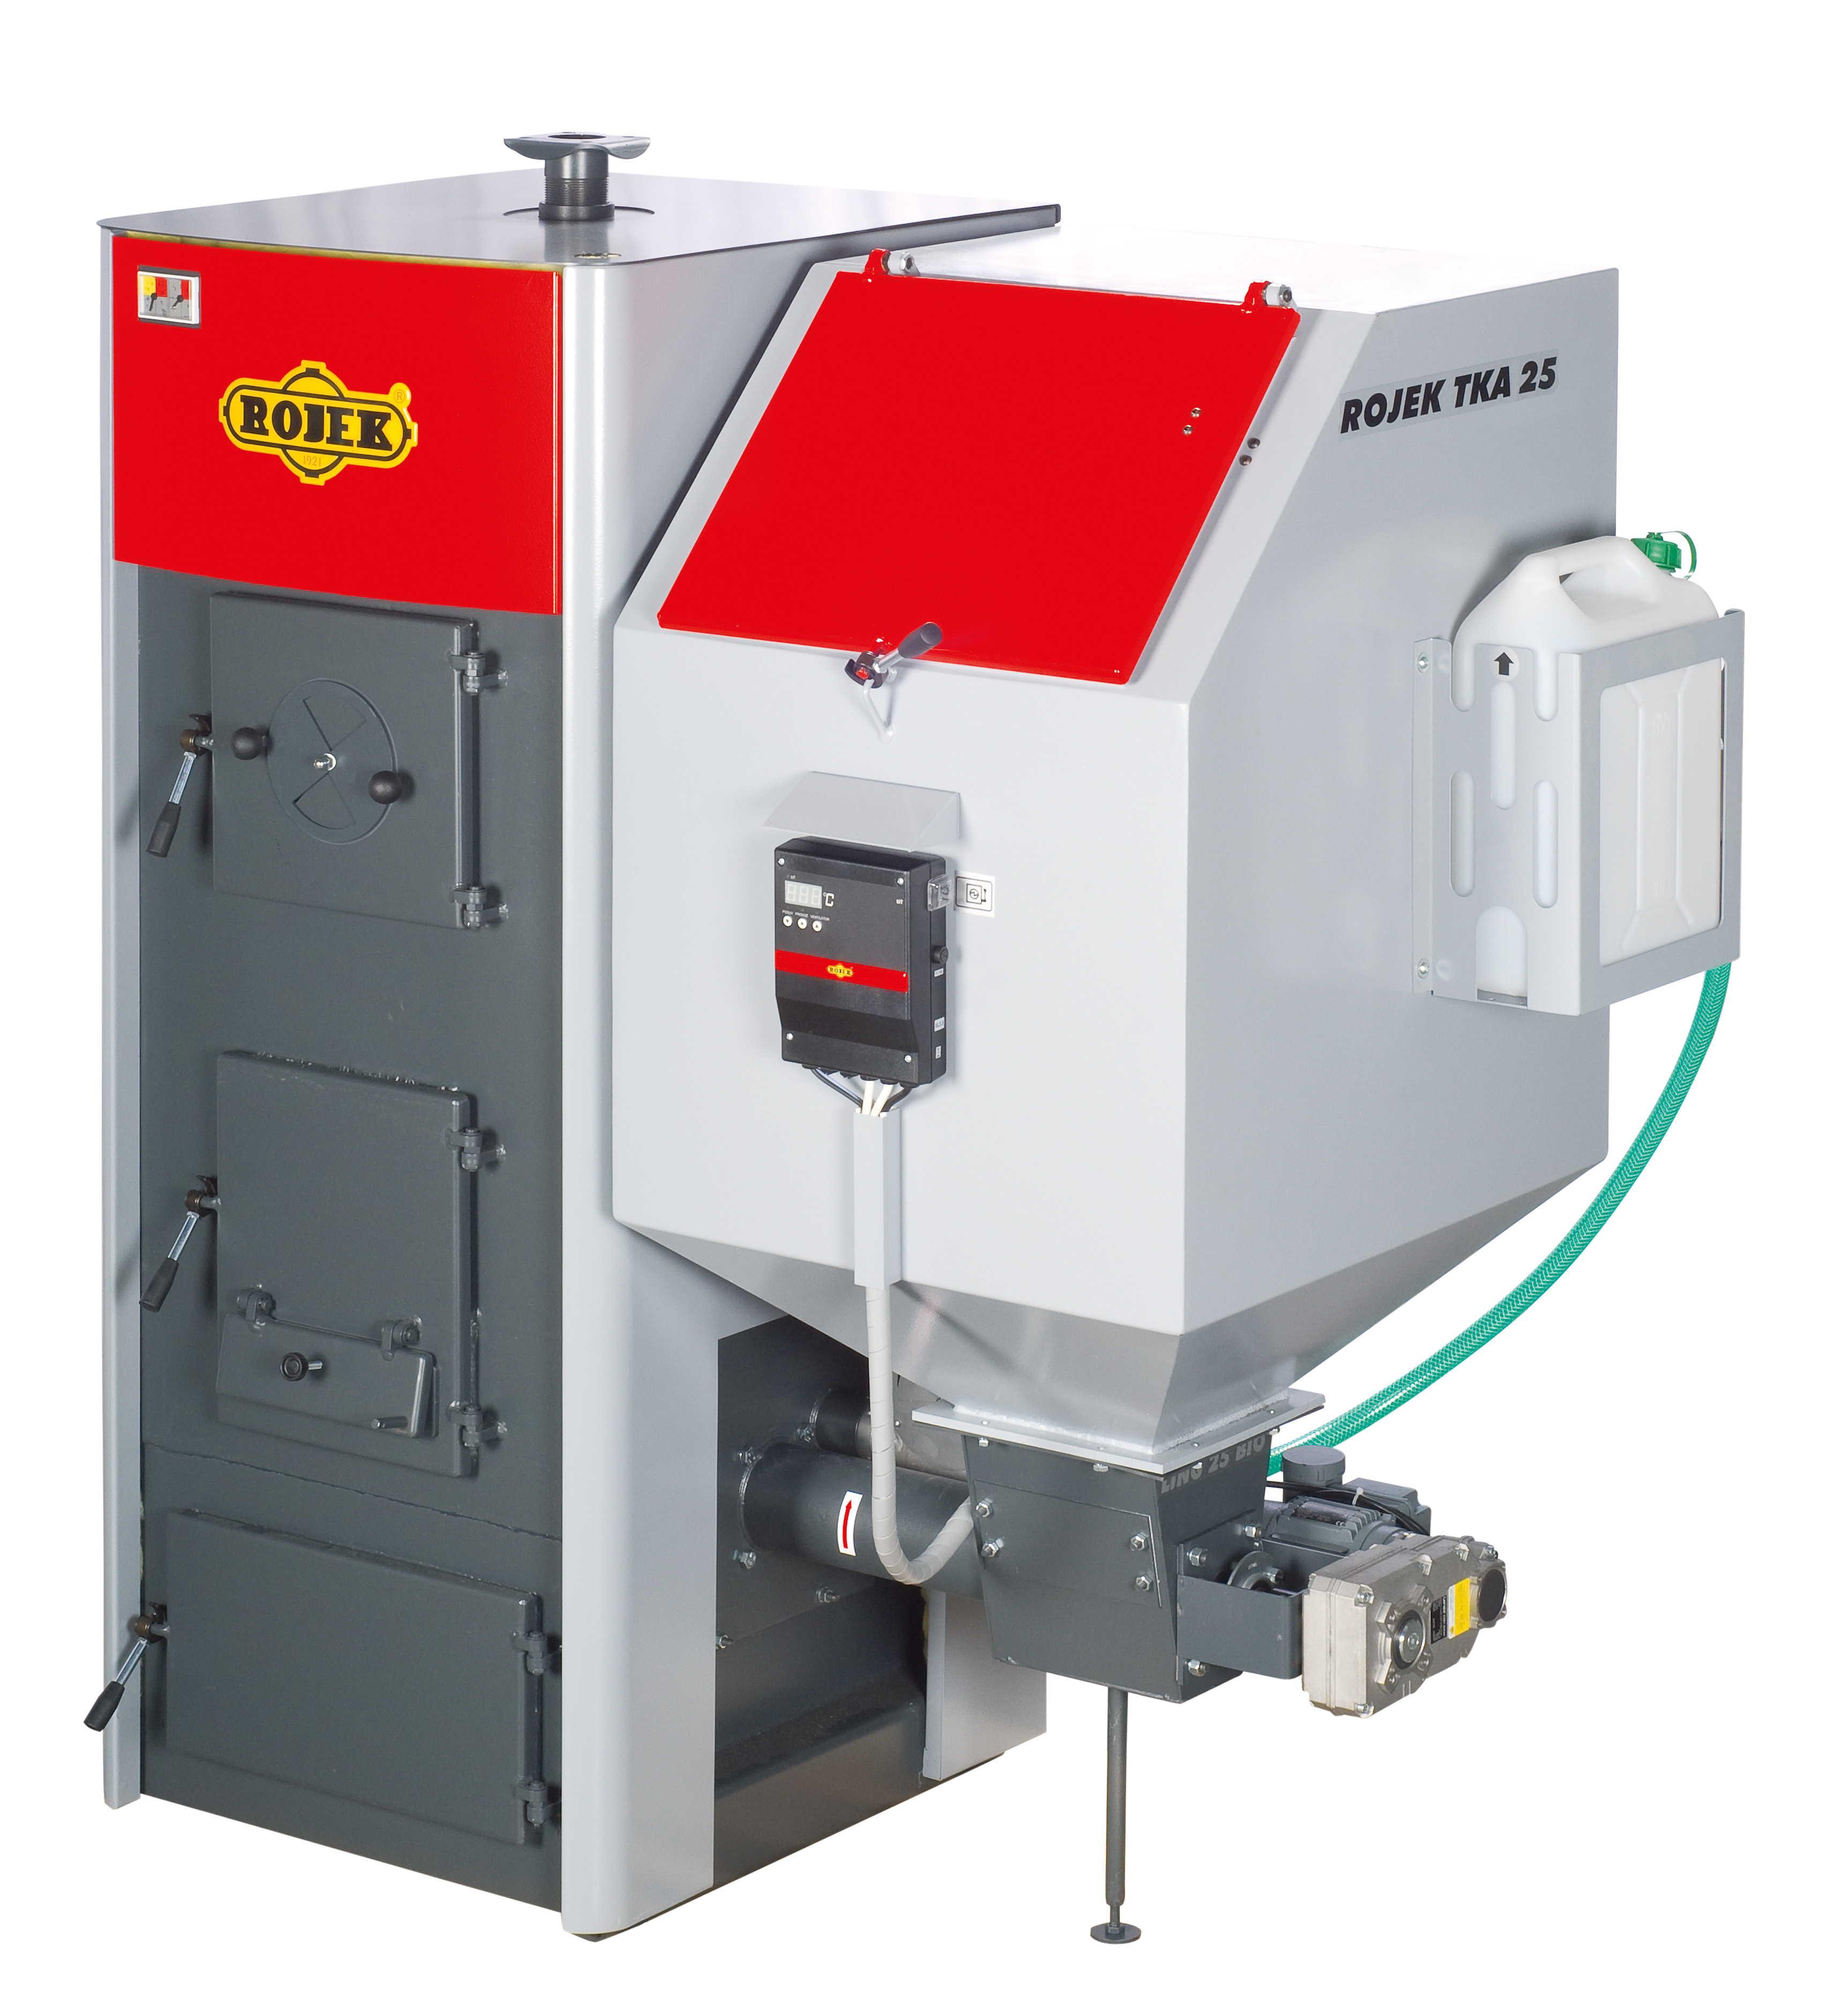 TKA 25 - automatický teplovodní kotel na tuhá paliva